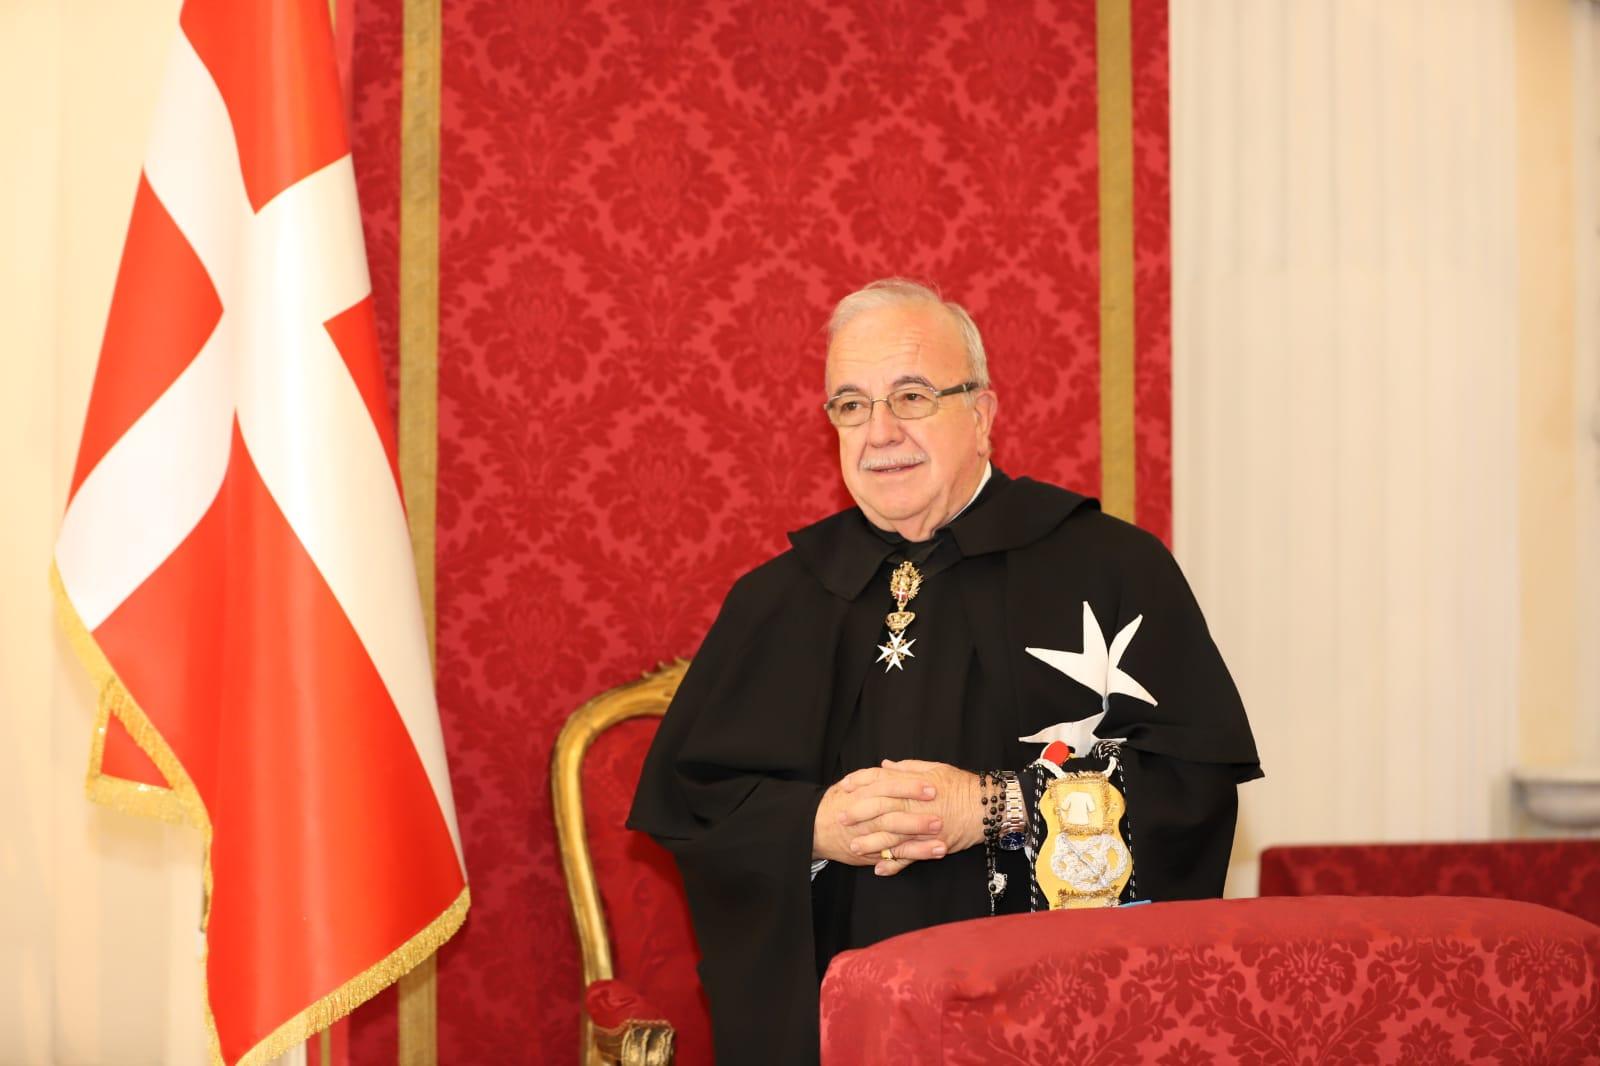 Избран местоблюститель великого магистра Мальтийского ордена